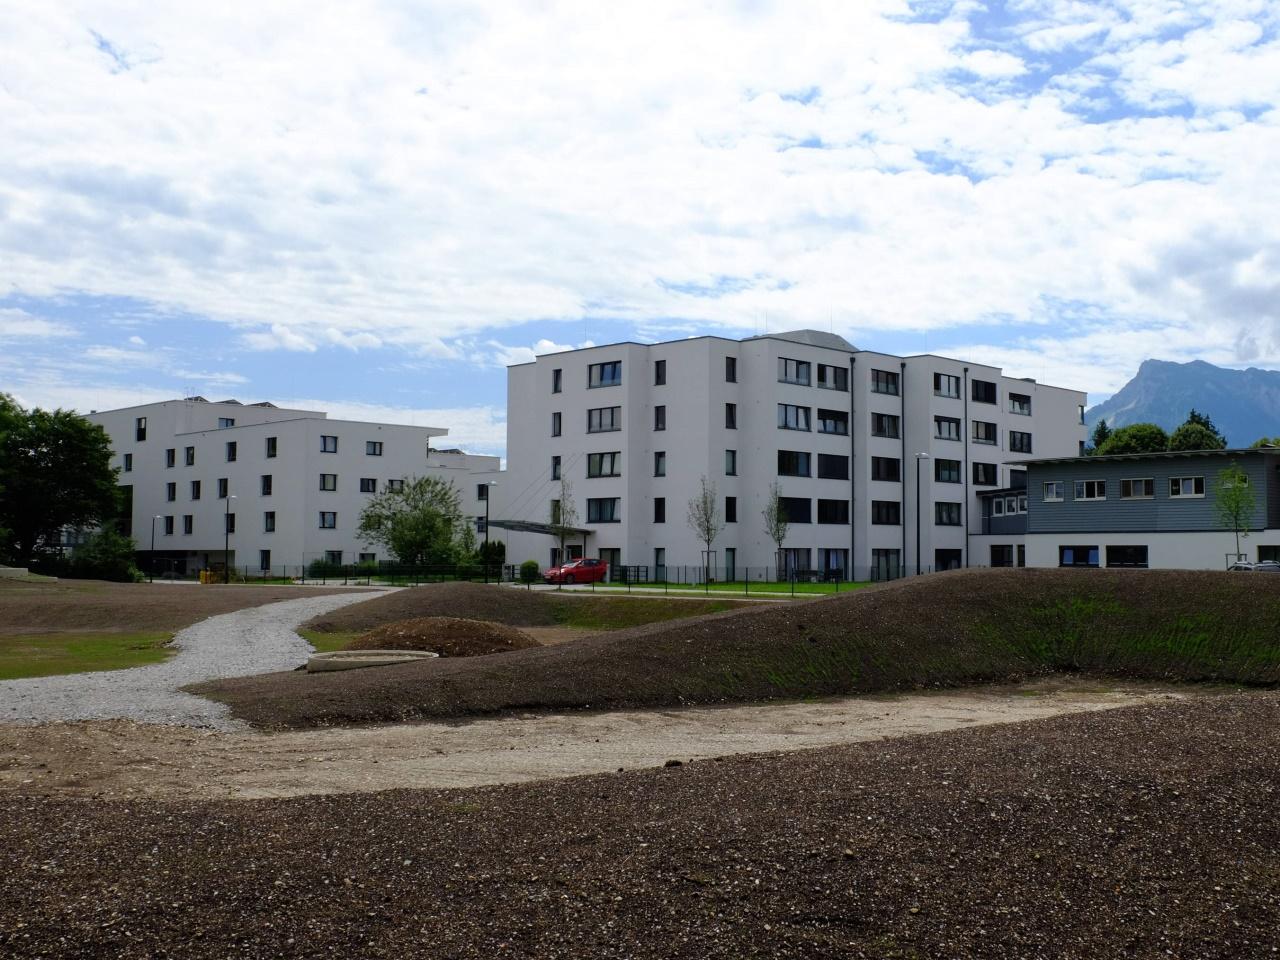 Stadt Salzburg regelt Vergabe von Wohnungen mit Minus- und Pluspunkten